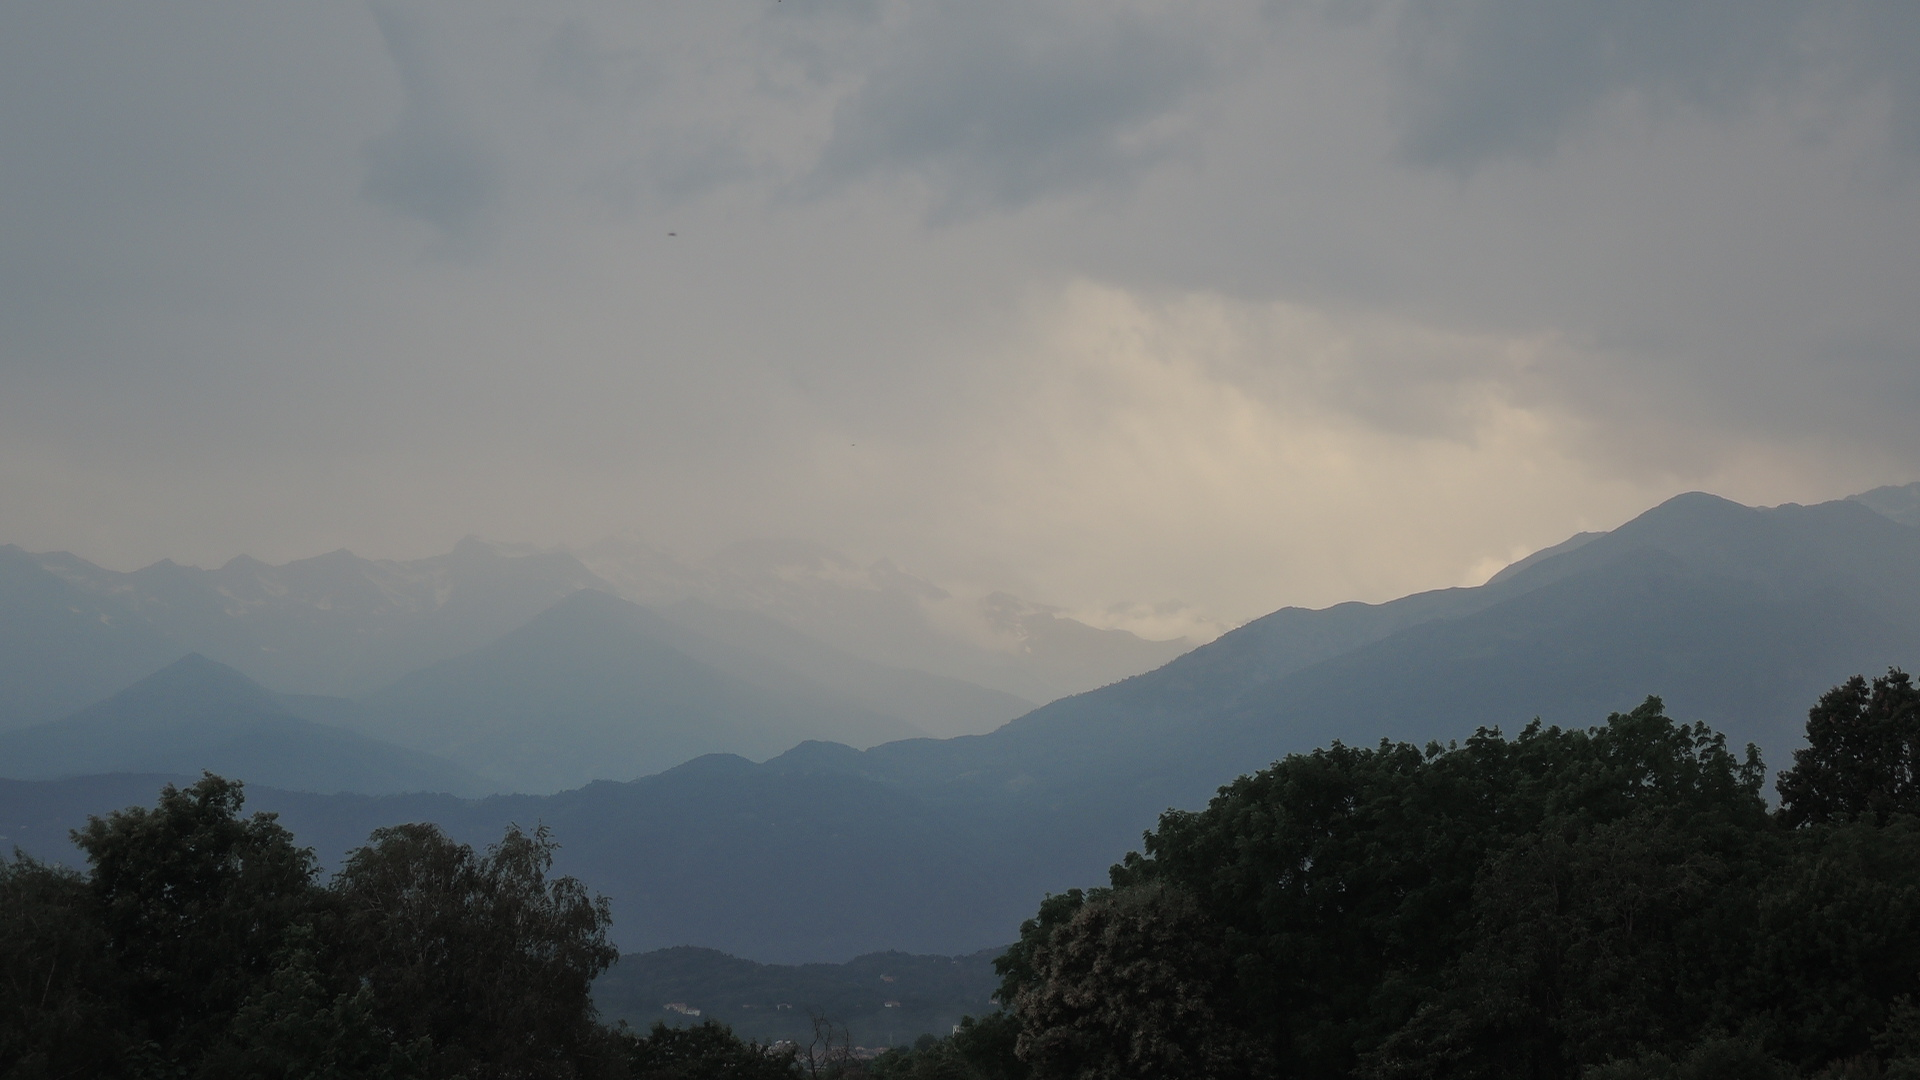 Tormenta en los Alpes.